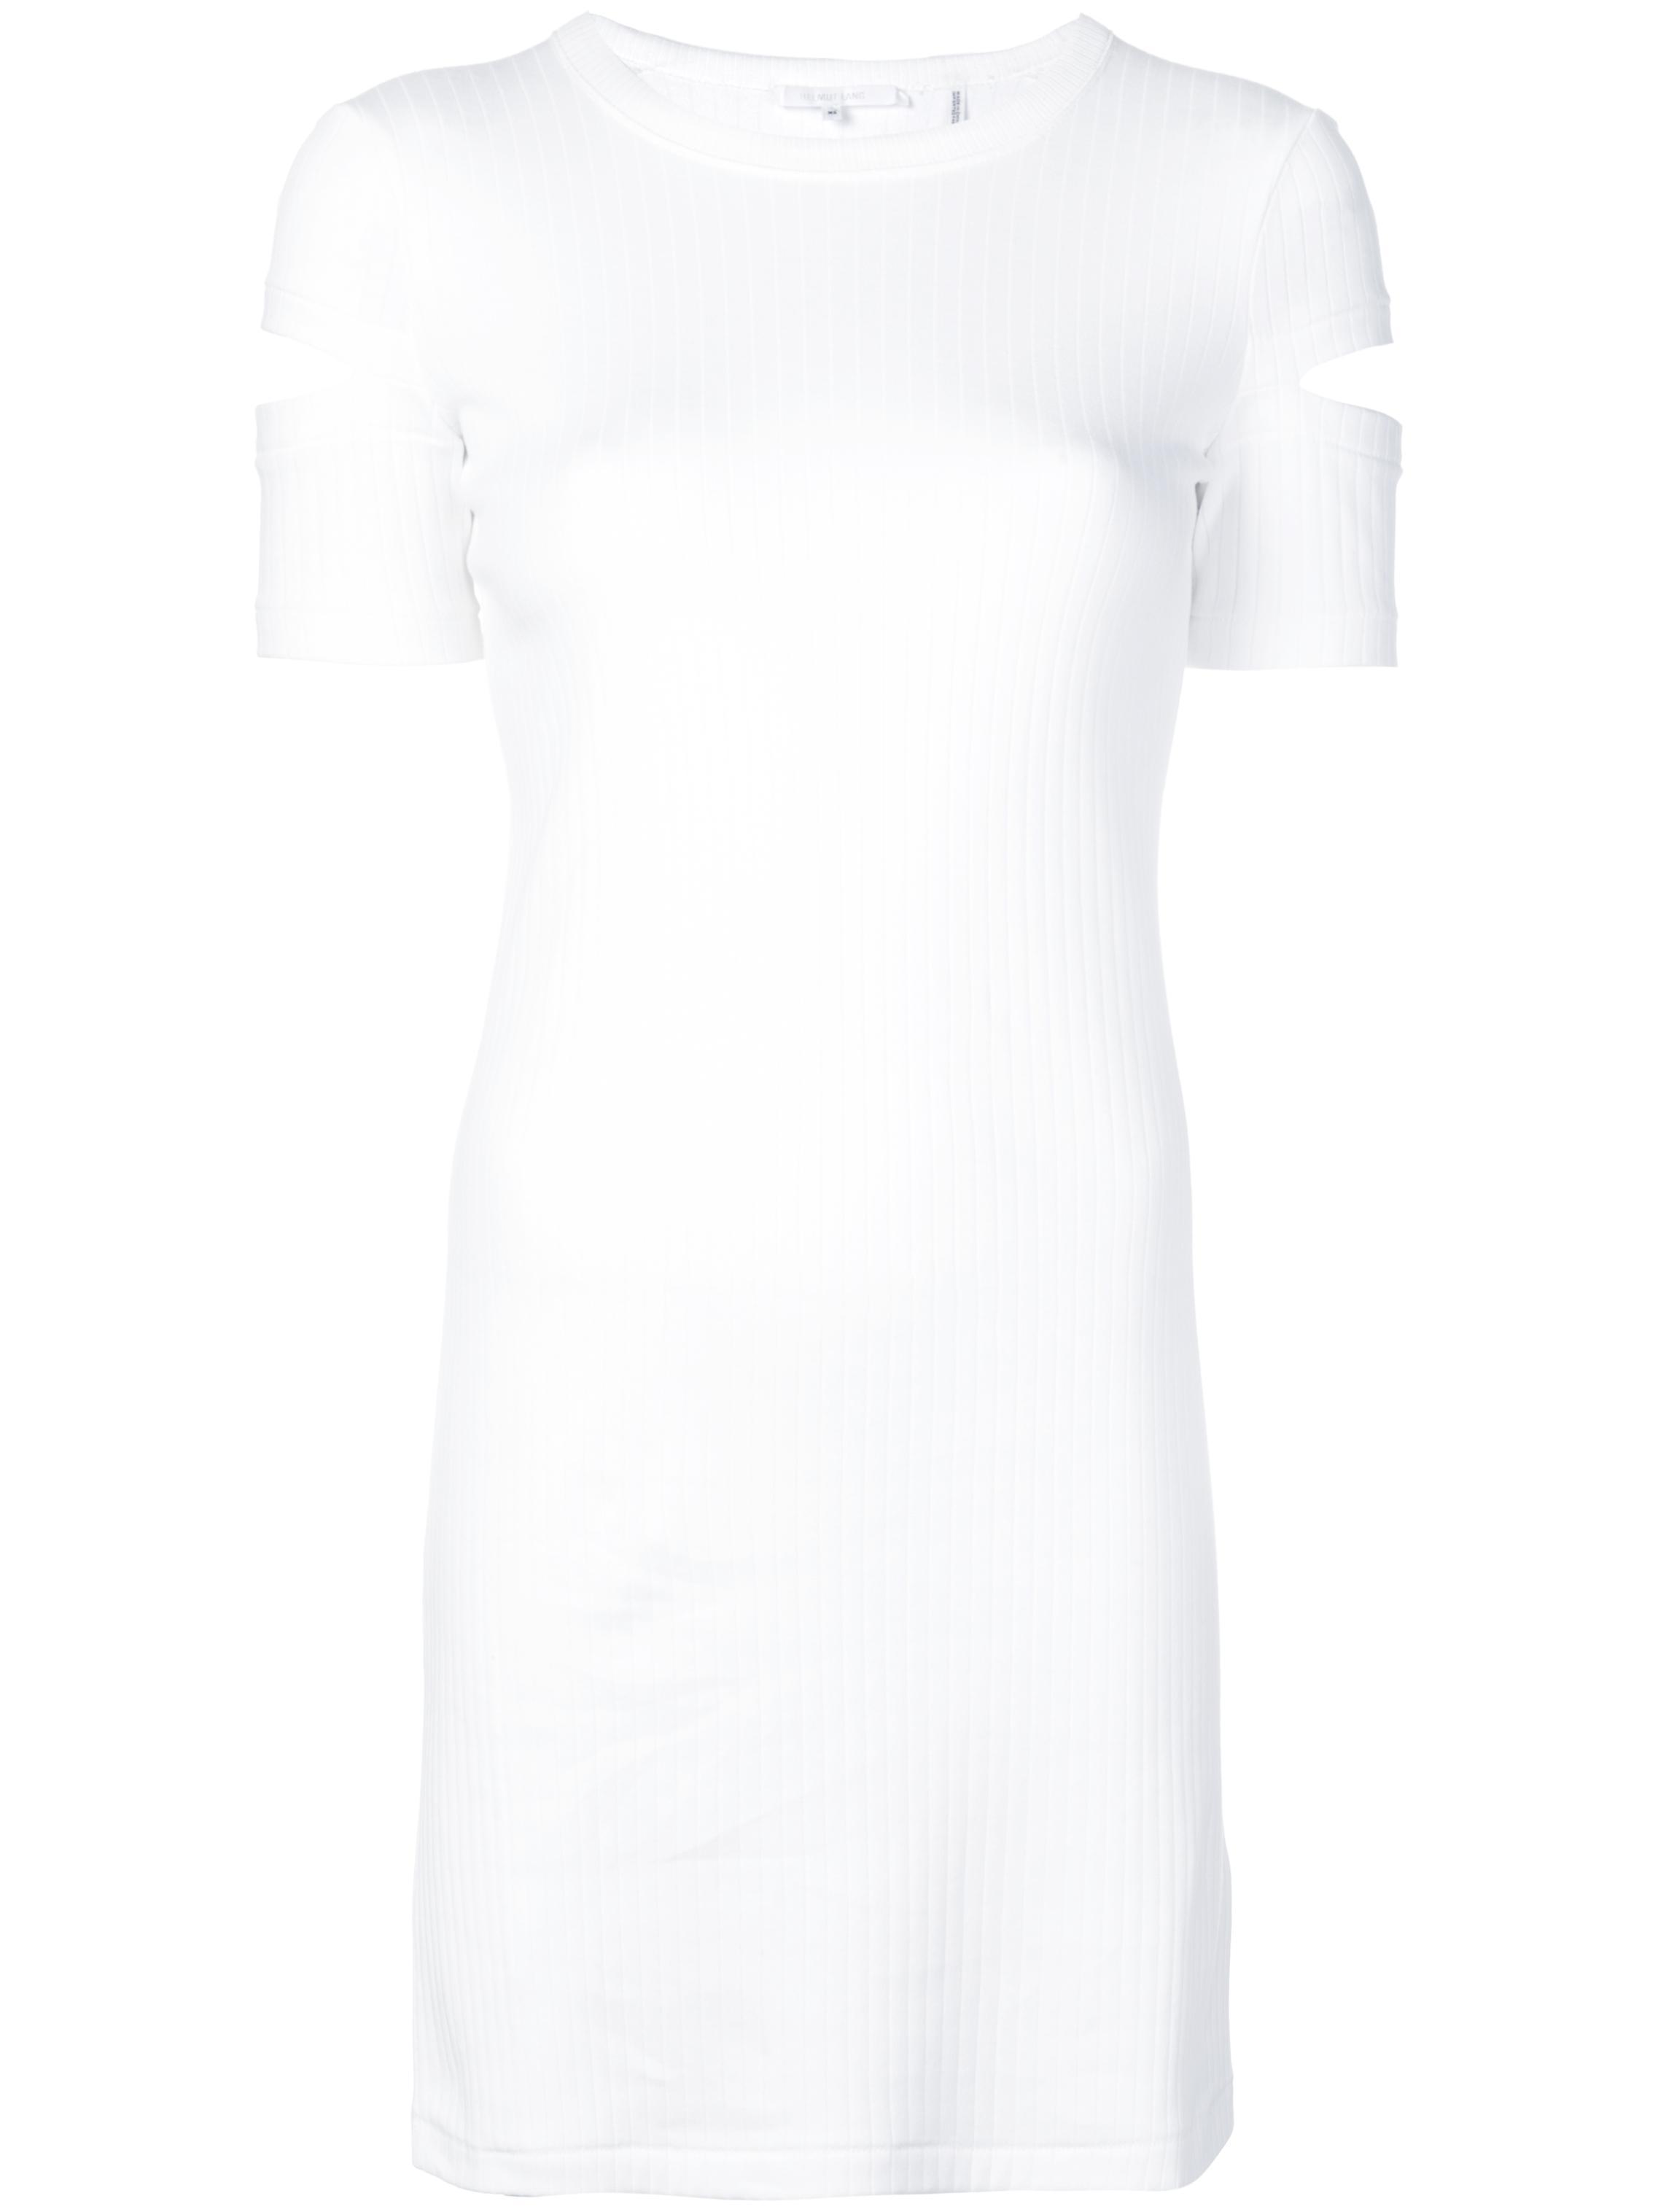 Wide Rib Dress Item # I02HW614-R19